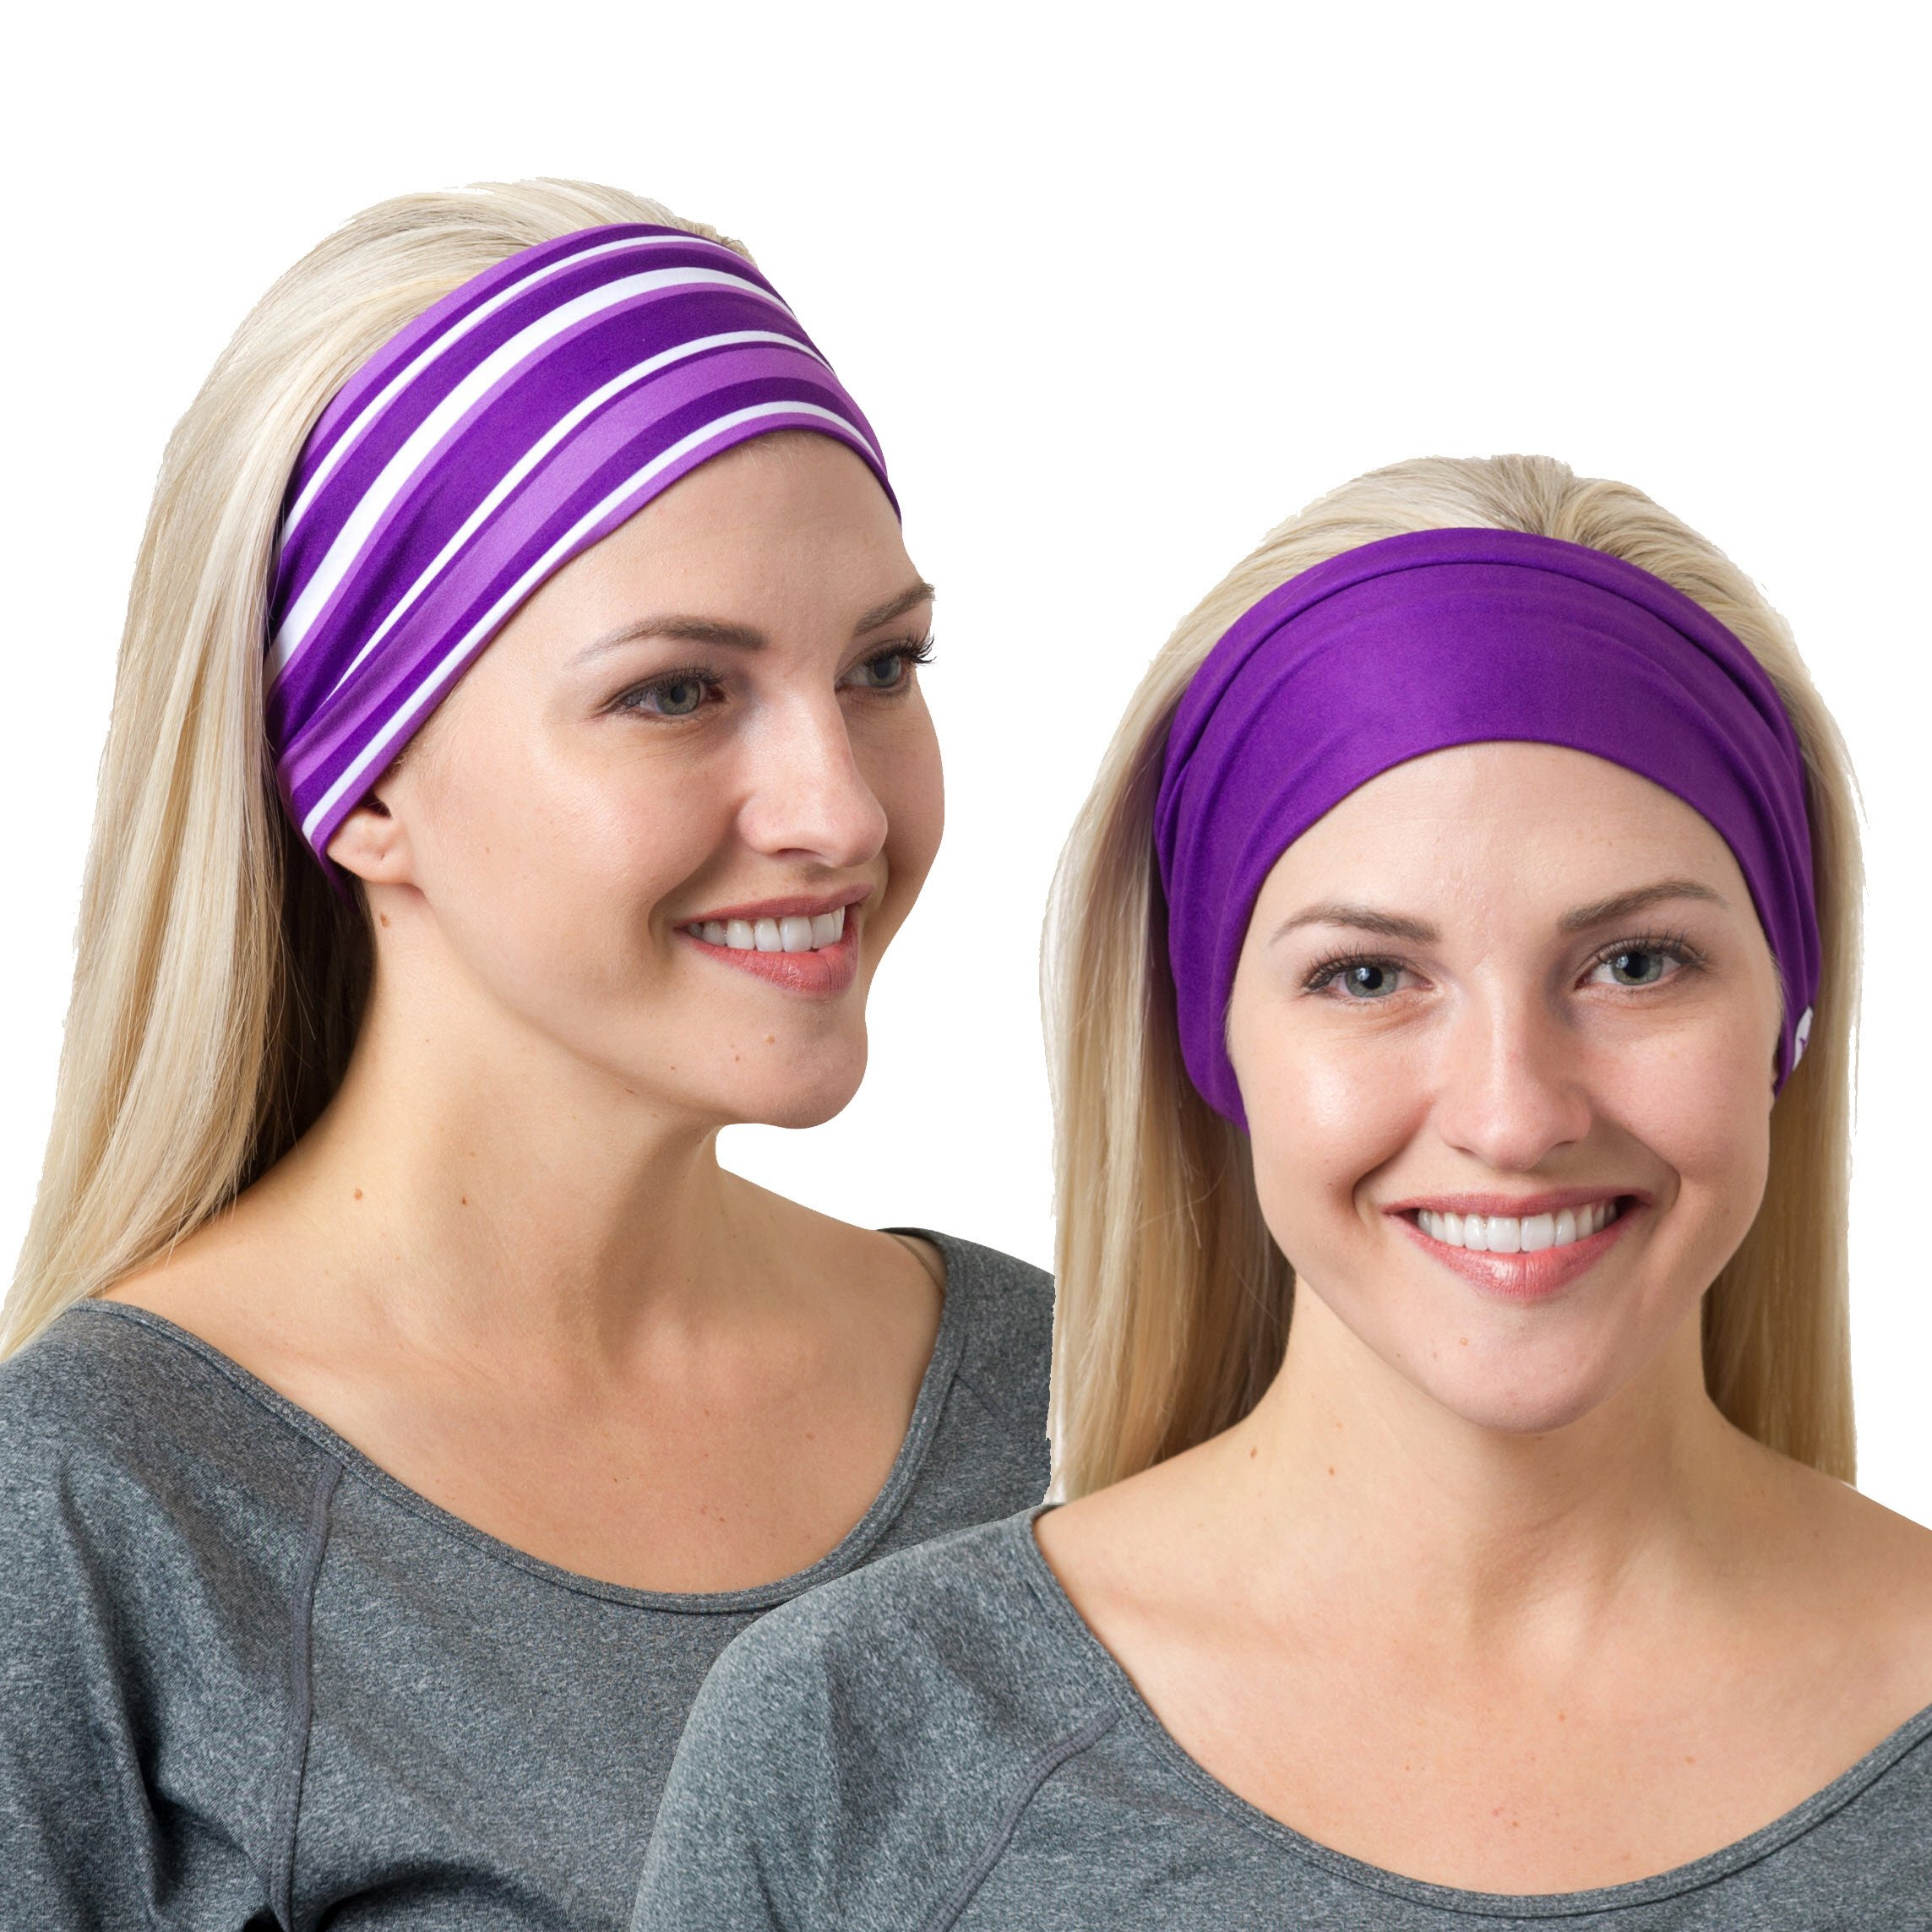 RiptGear Headband 2Pack - Purple Solid and Purple Striped by RiptGear